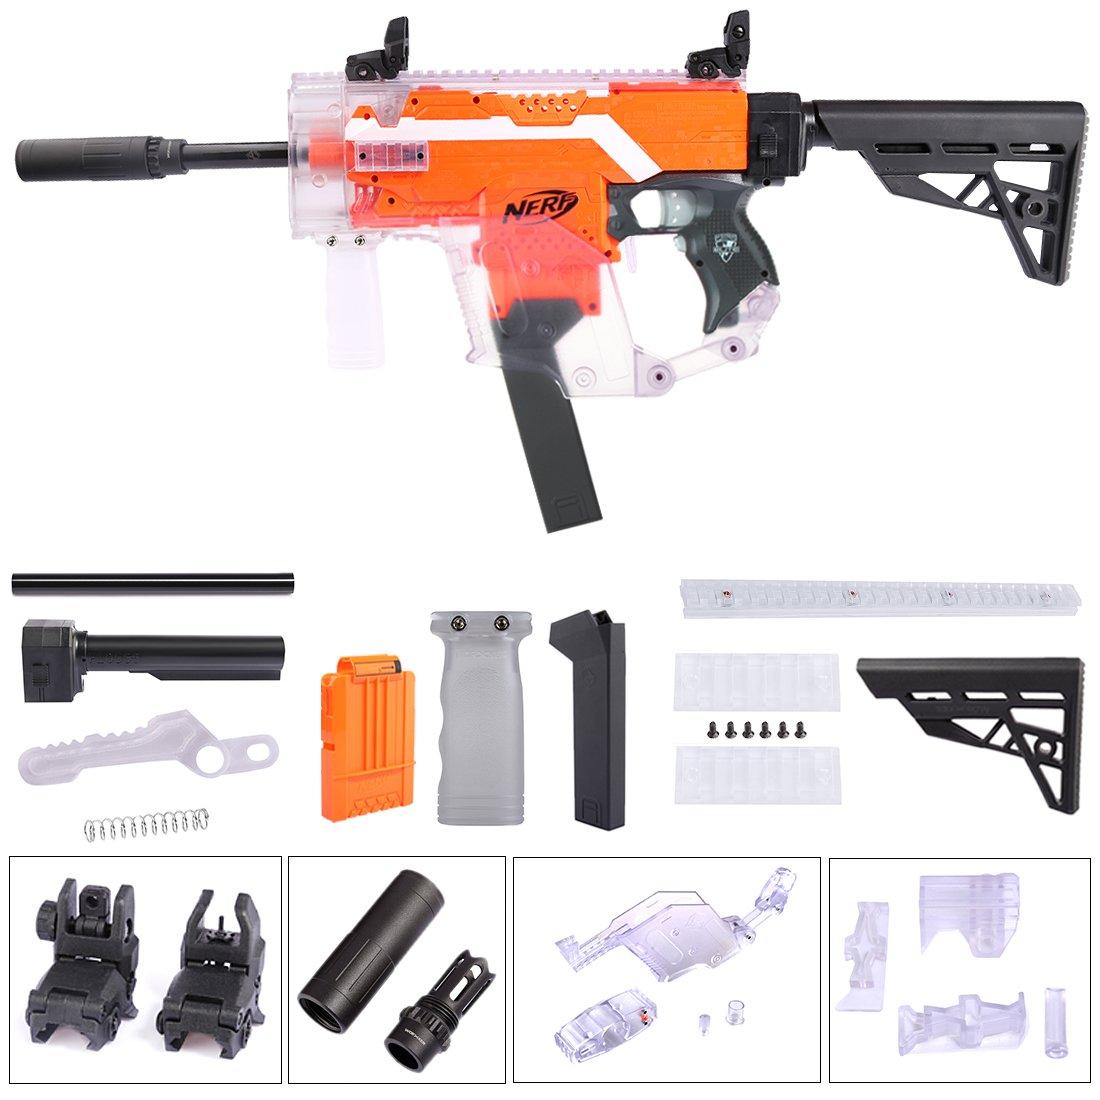 BGoldK Worker UpGröße Aussieht Mod Vector Kit + Schulterstütze für Nerf Stryfe Transparent 25cm